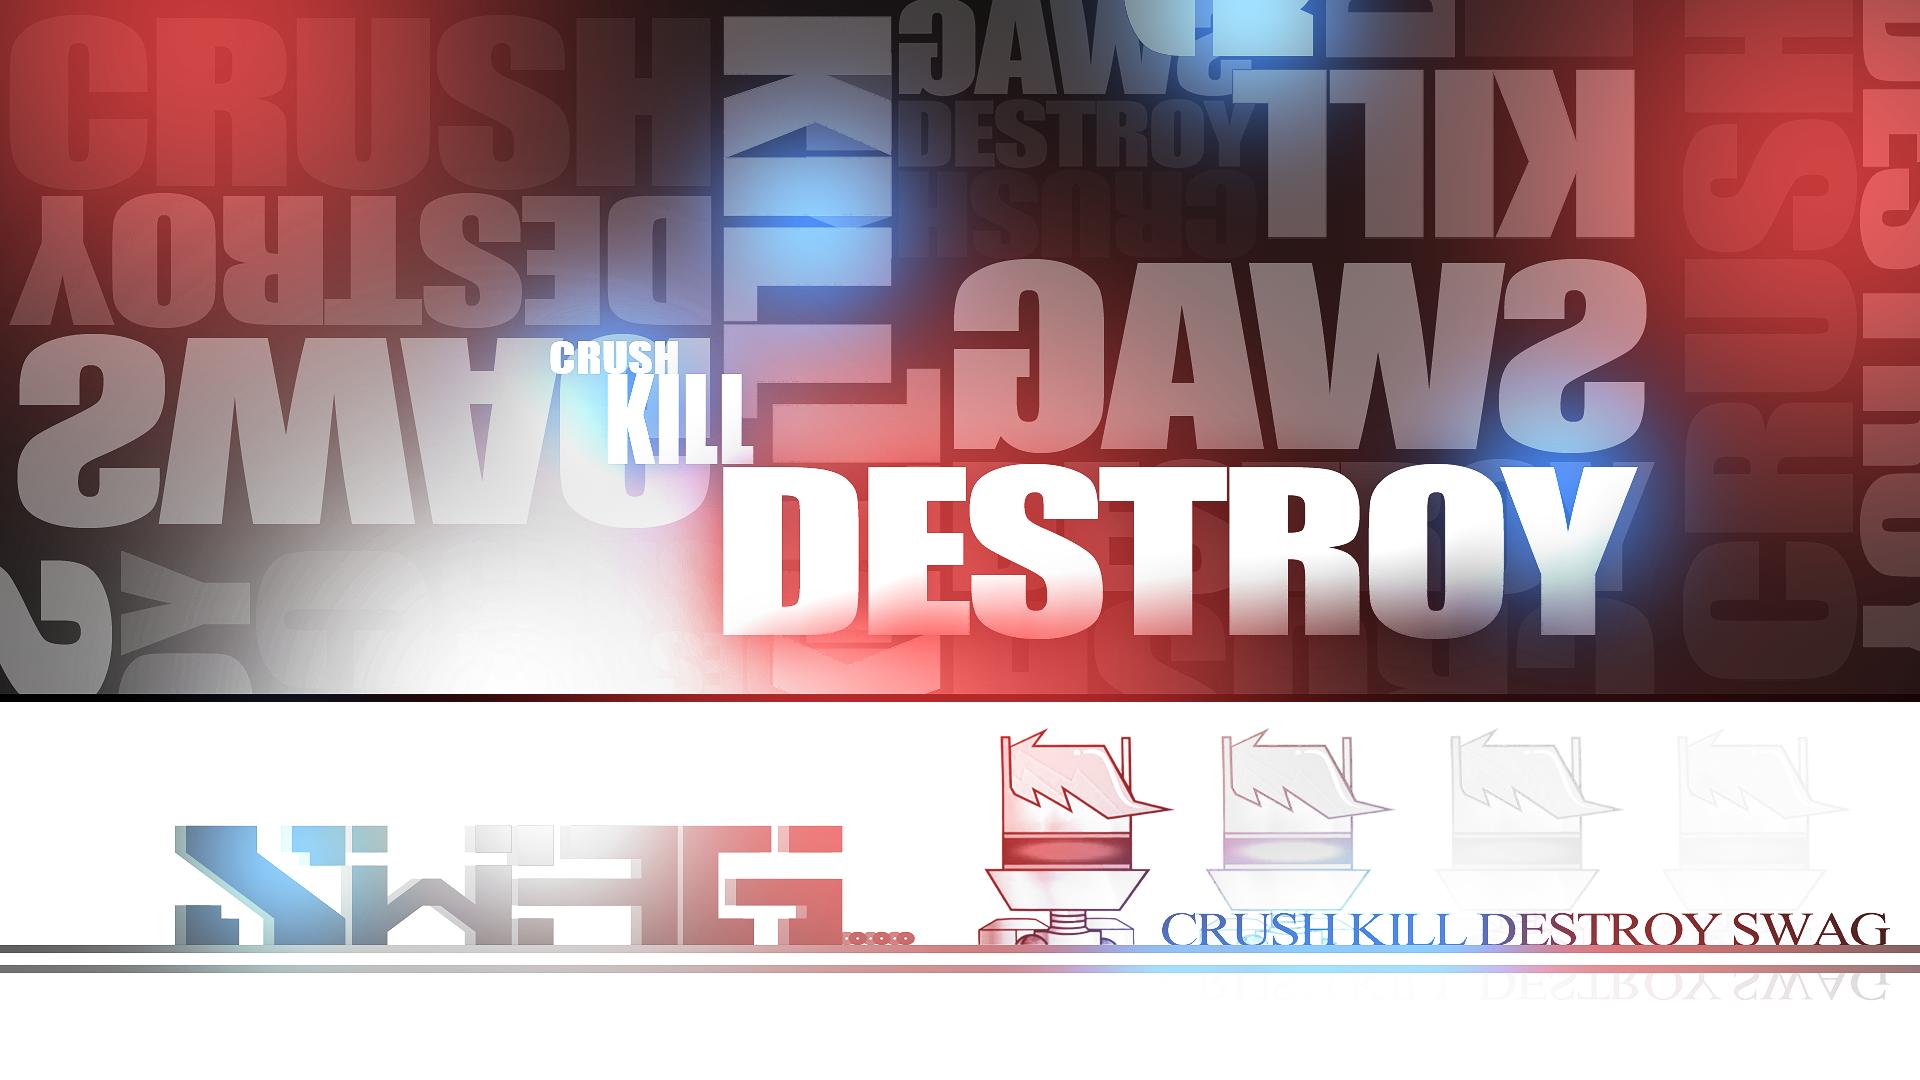 Crush Kill Destroy Swag by Xtrl